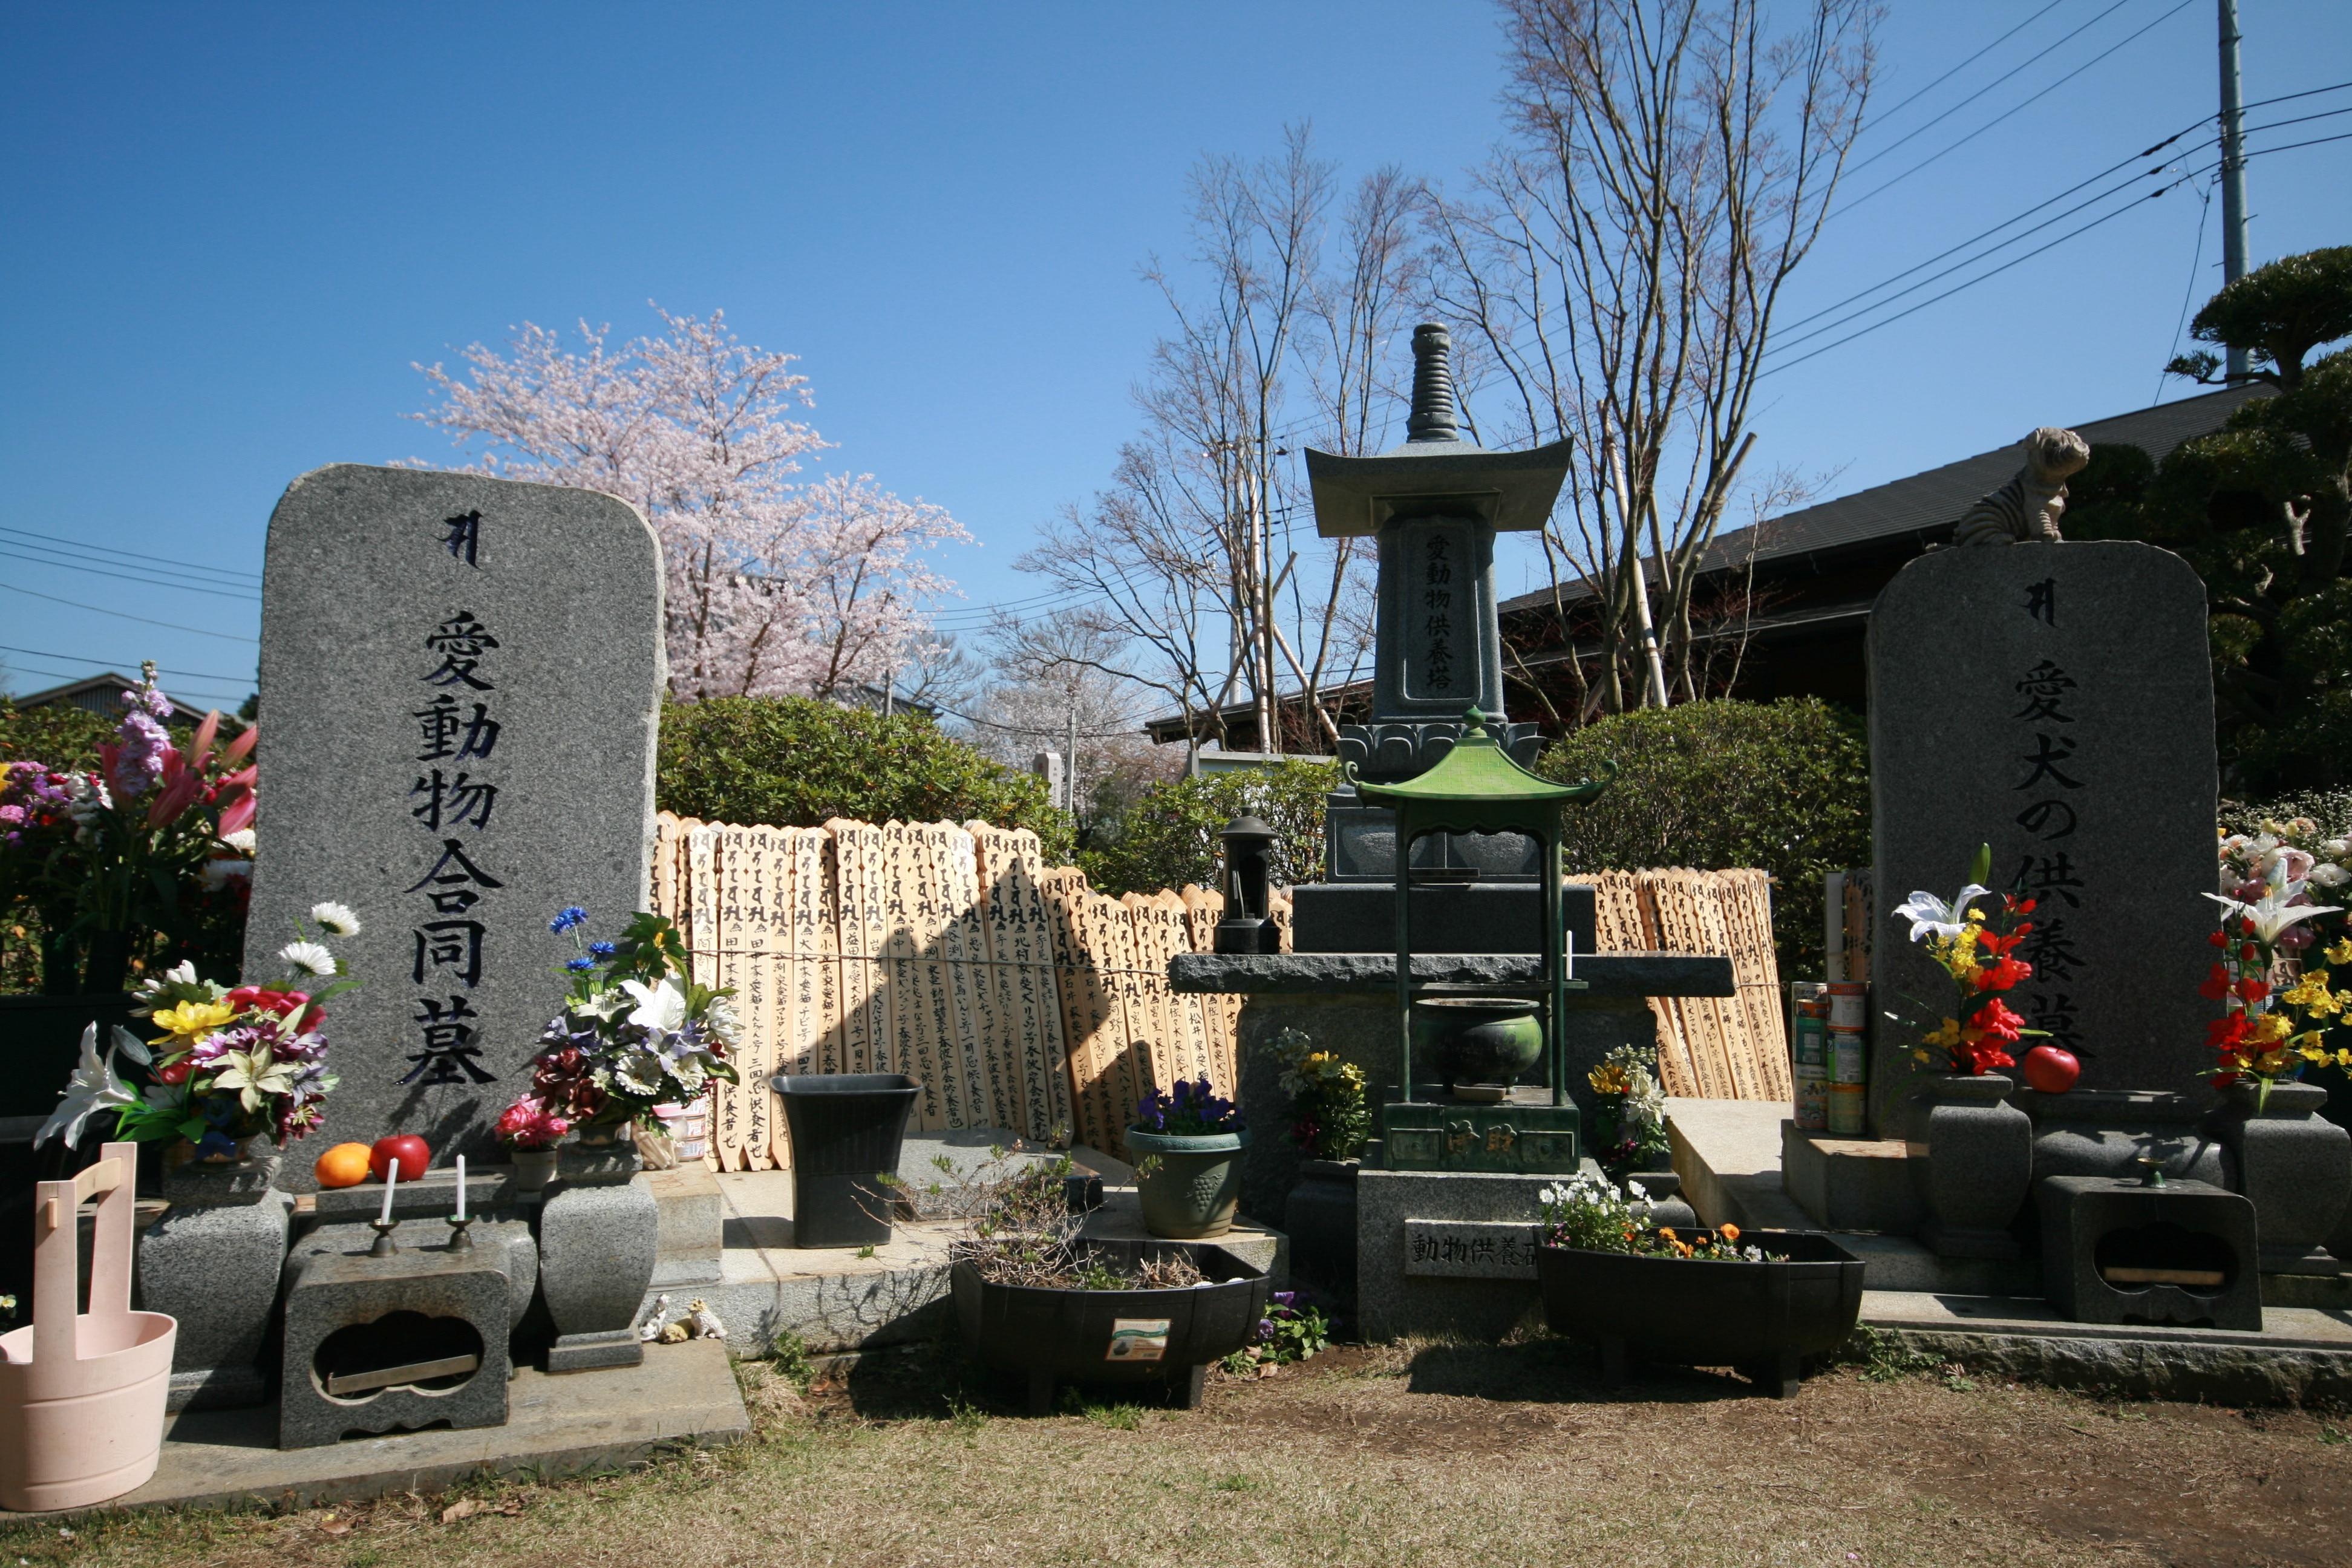 合同墓・愛動物合同墓は全動物の合祀のお墓